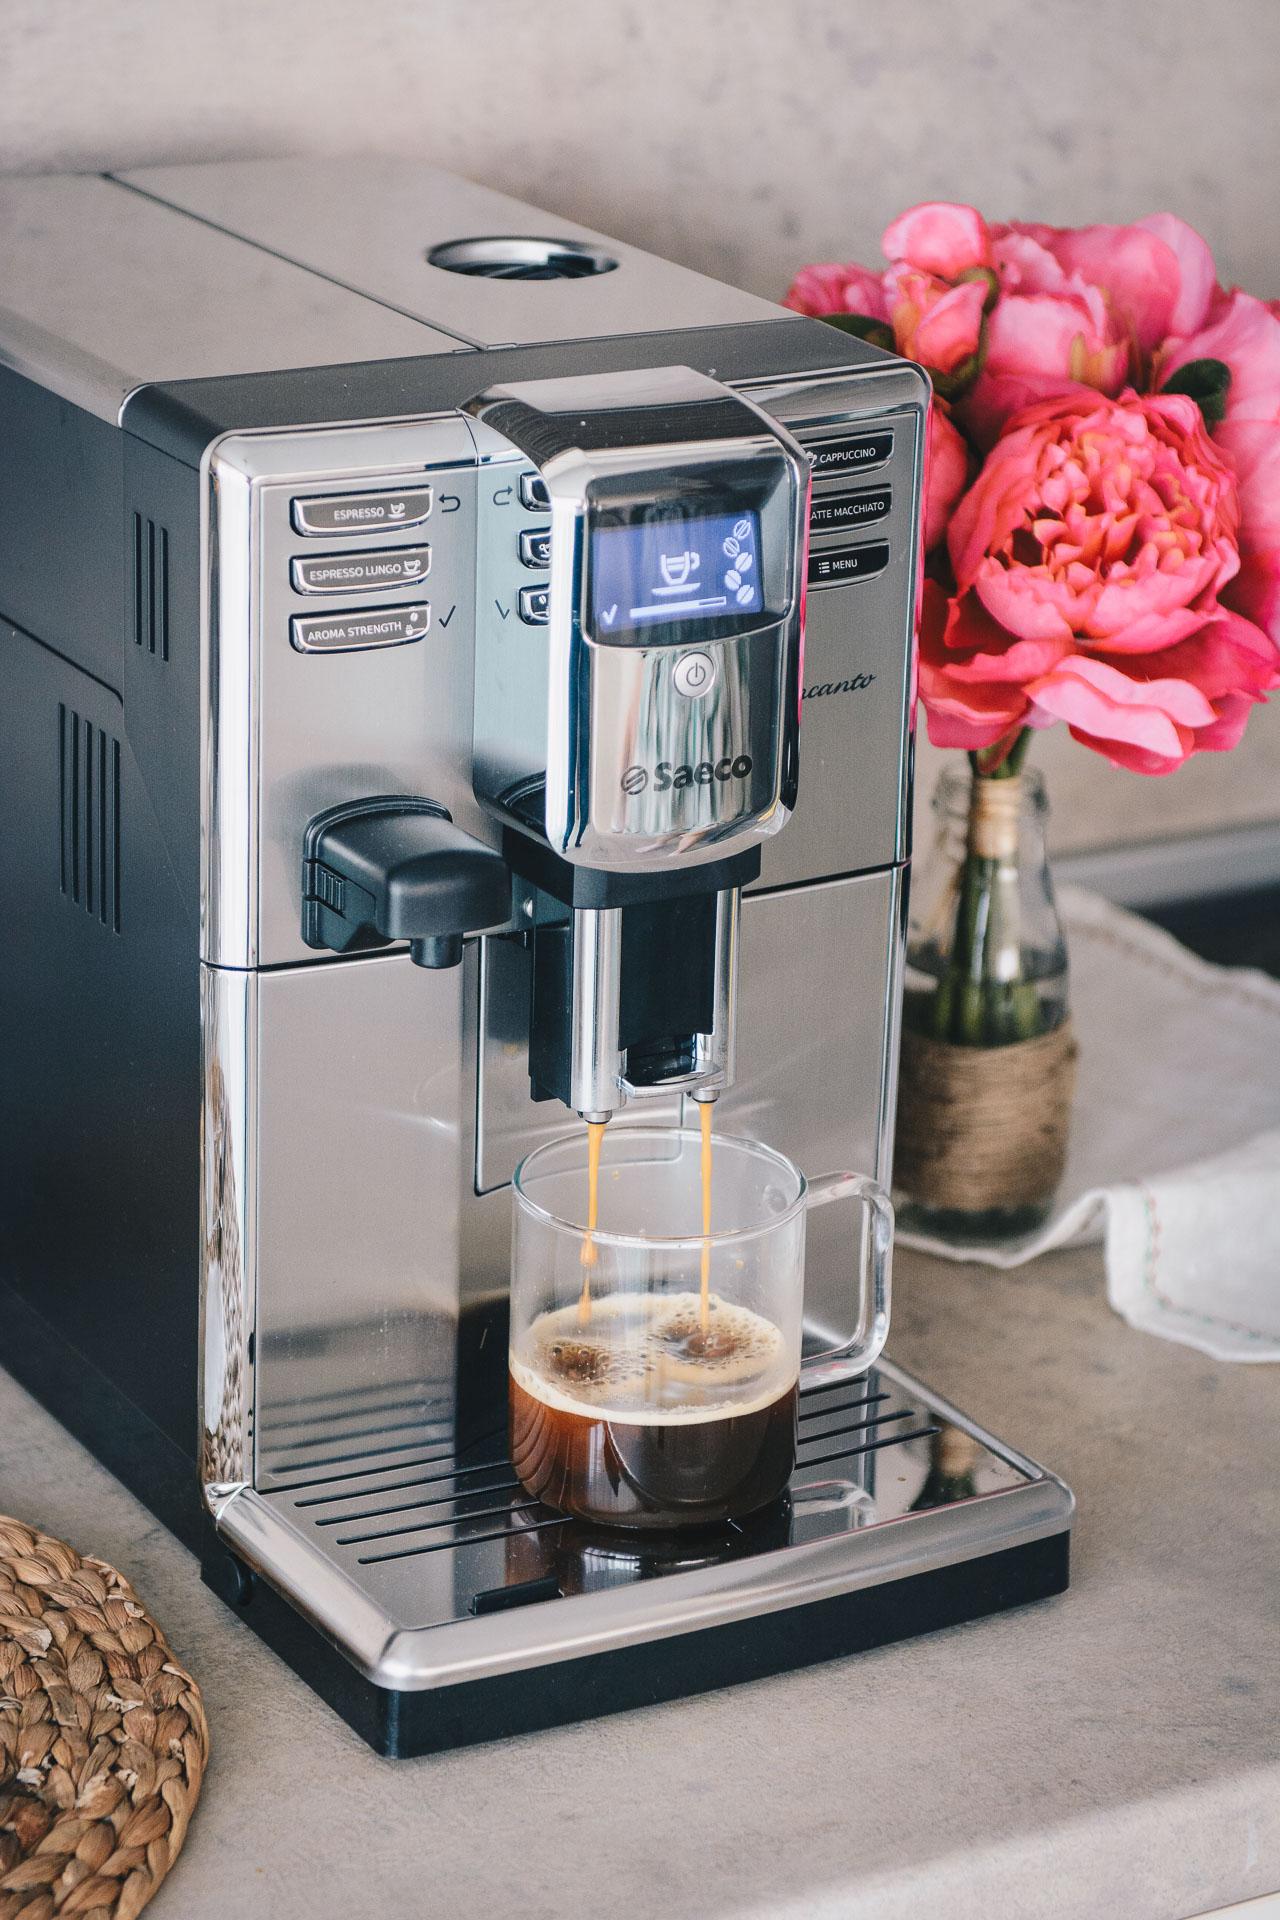 saeco coffee maker odea cappucino espresso machine by saeco a super automatic f saeco xelsis. Black Bedroom Furniture Sets. Home Design Ideas